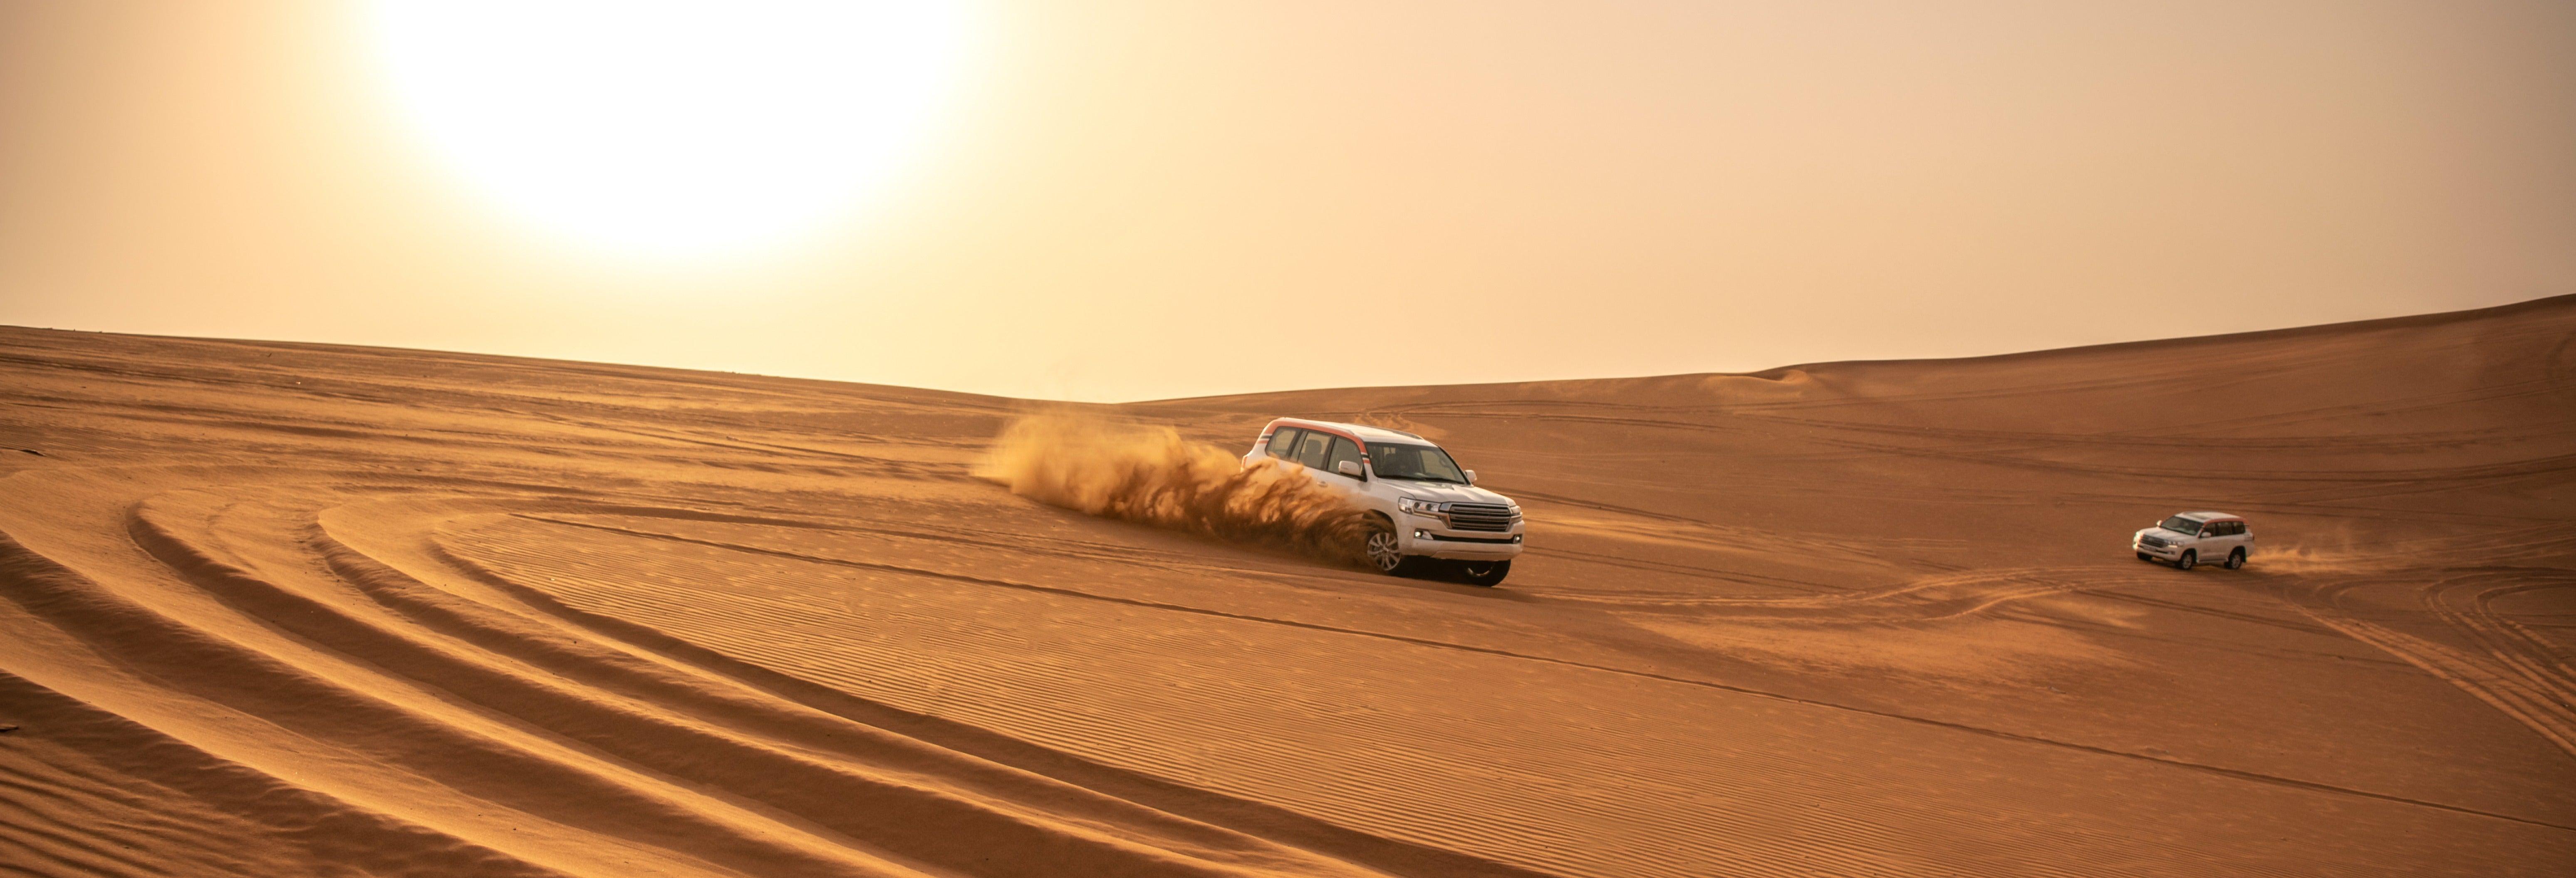 Safari de luxe et nuit dans le désert